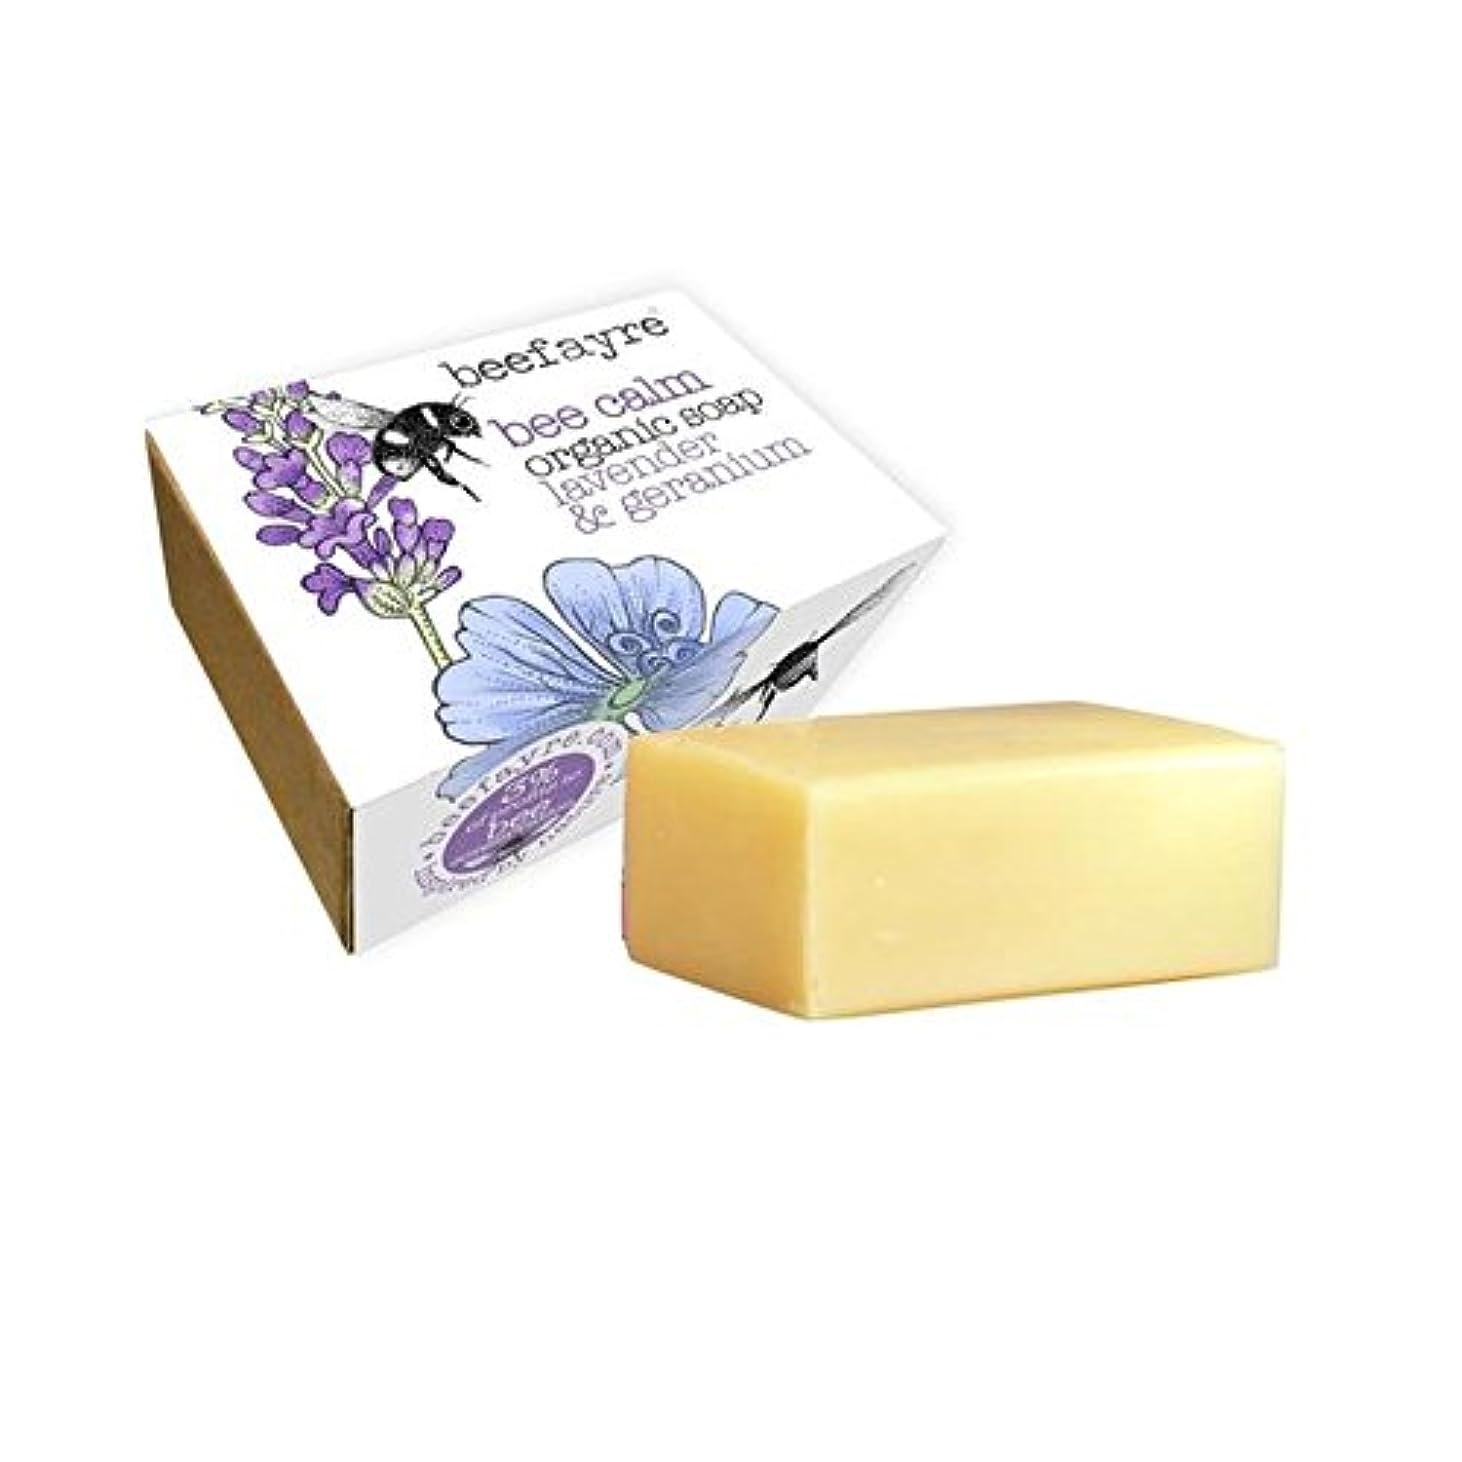 ダウンデータム麻酔薬Beefayre Organic Geranium & Lavender Soap (Pack of 6) - 有機ゼラニウム&ラベンダー石鹸 x6 [並行輸入品]